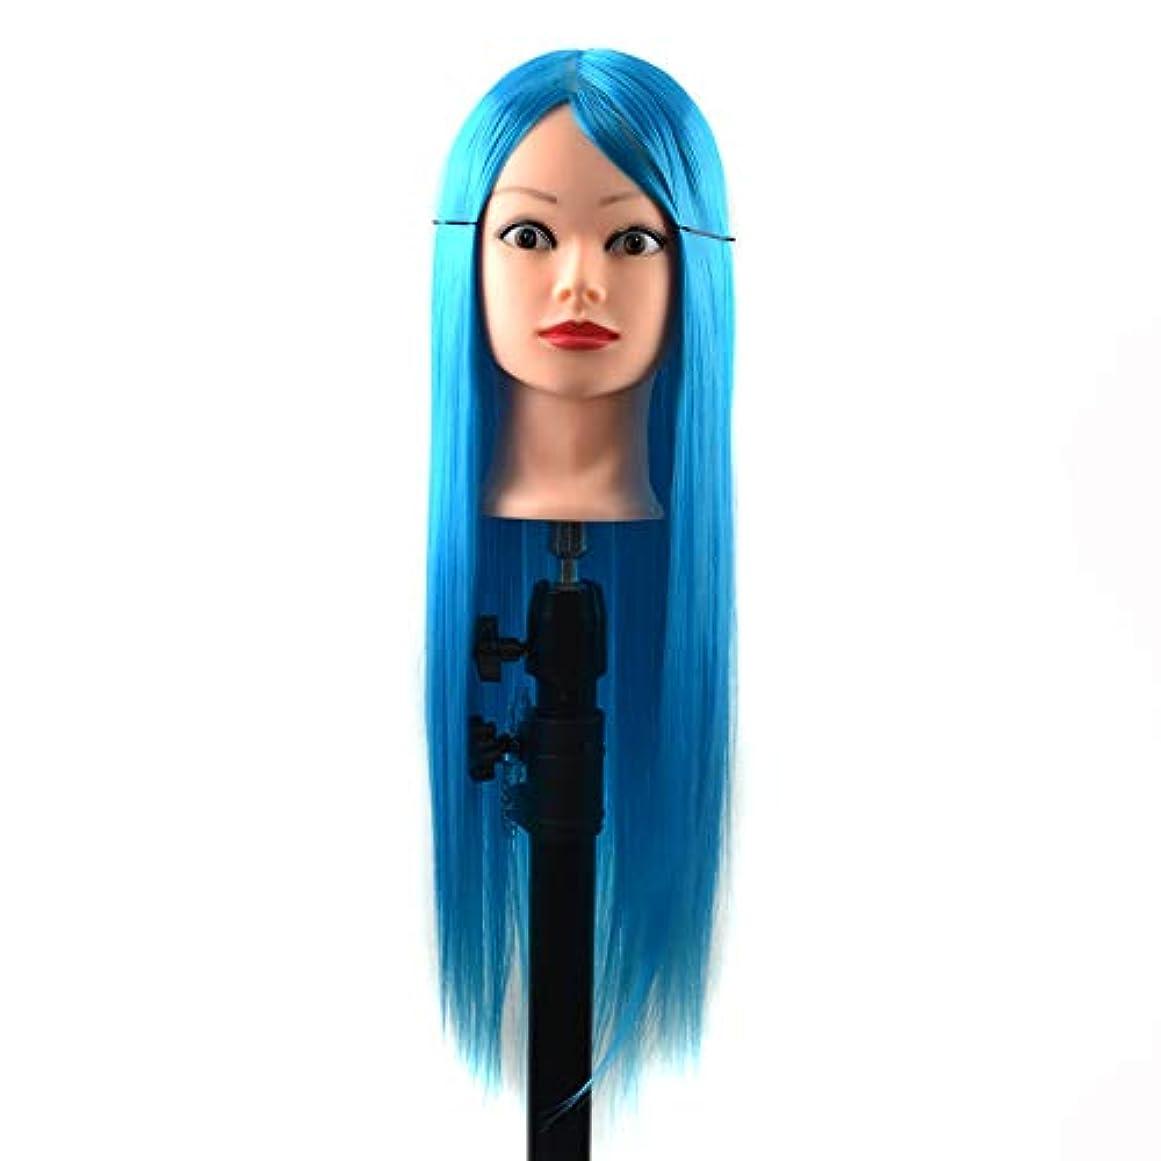 些細言い直す認可WTYD 美容ヘアツール 練習用ディスクの髪編組マネキンヘッドウィッグスタイリングトリミングヘッドモデル (色 : Sky Blue)